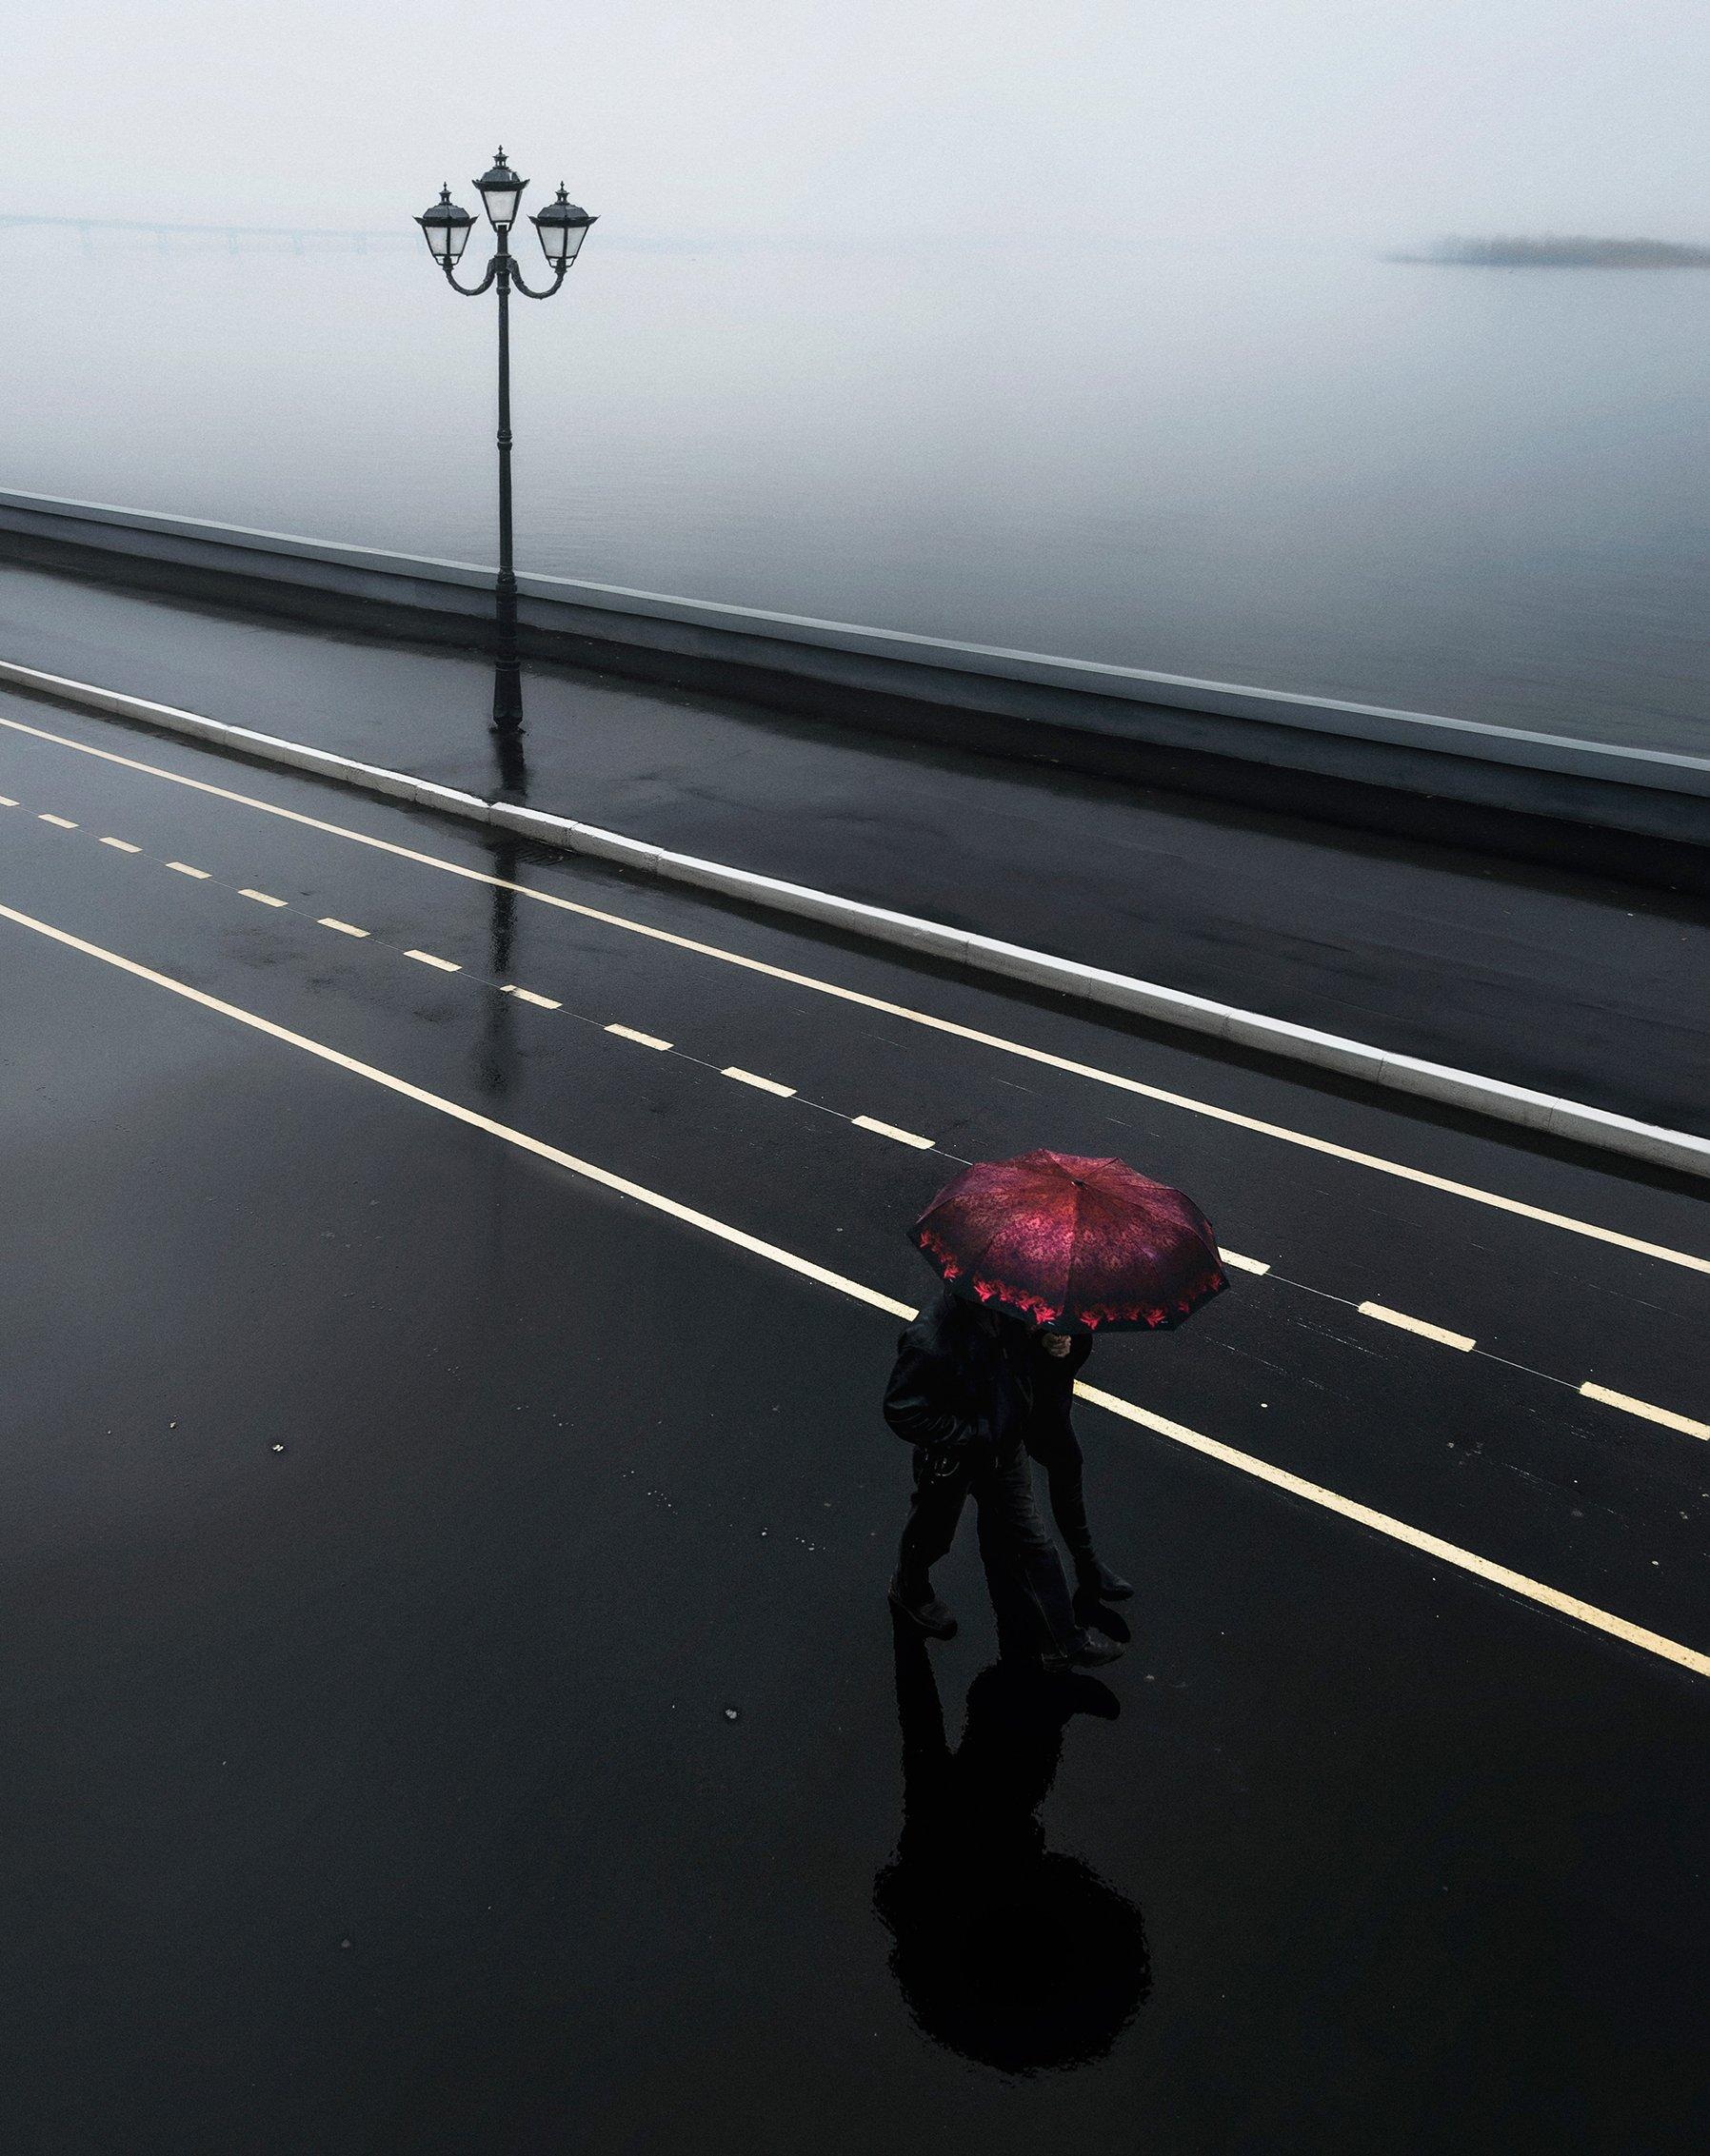 стрит, город, дождь, зонт, набережная, волга, Алексей Ермаков